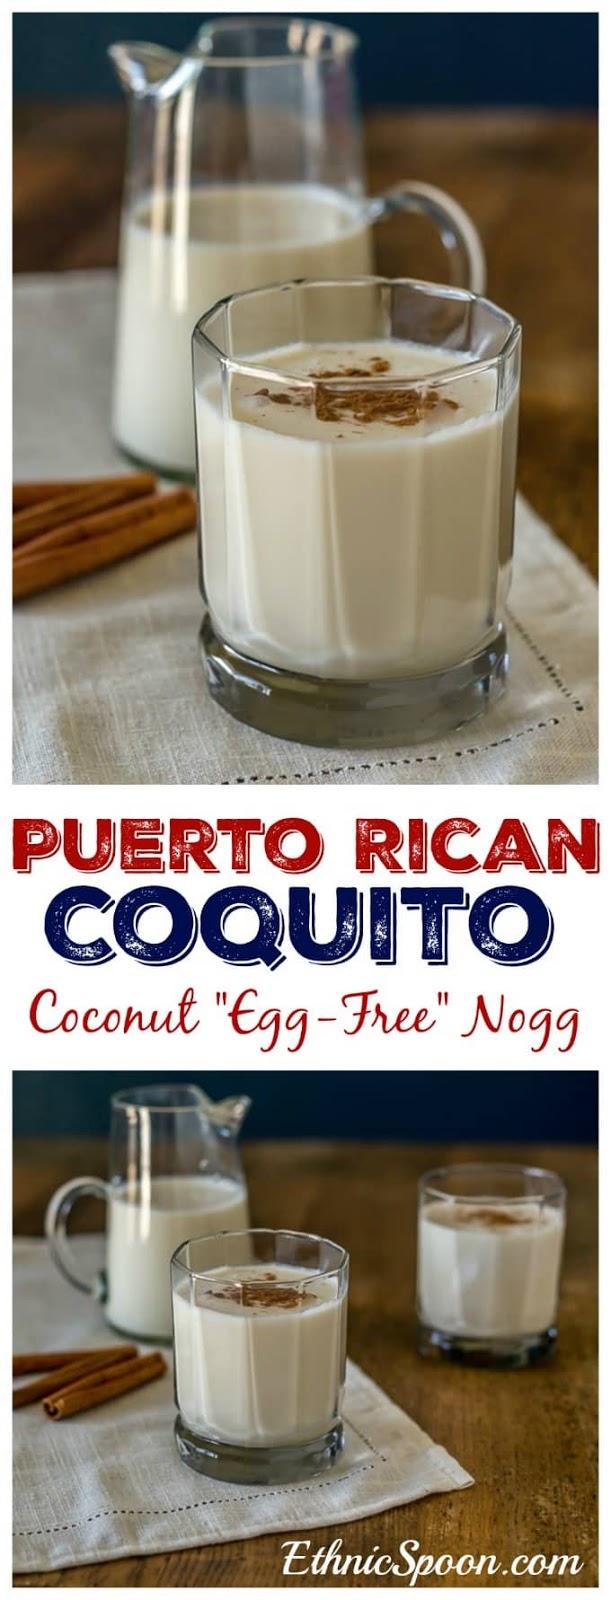 COQUITO – PUERTO RICAN COCONUT EGG-FREE NOG